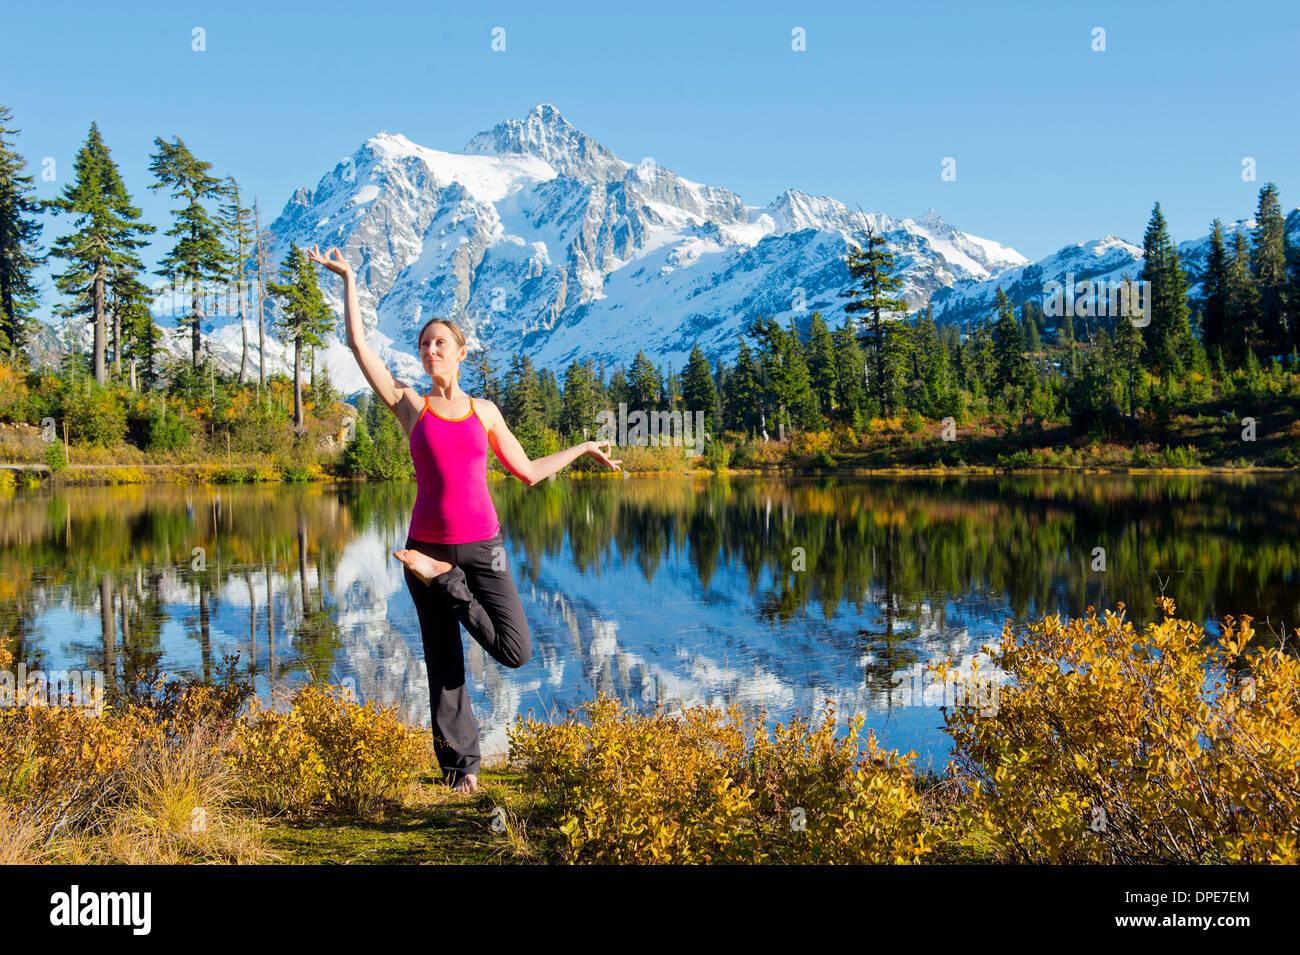 Donna fare yoga nella scena della montagna, Bellingham, Washington, Stati Uniti d'America Immagini Stock